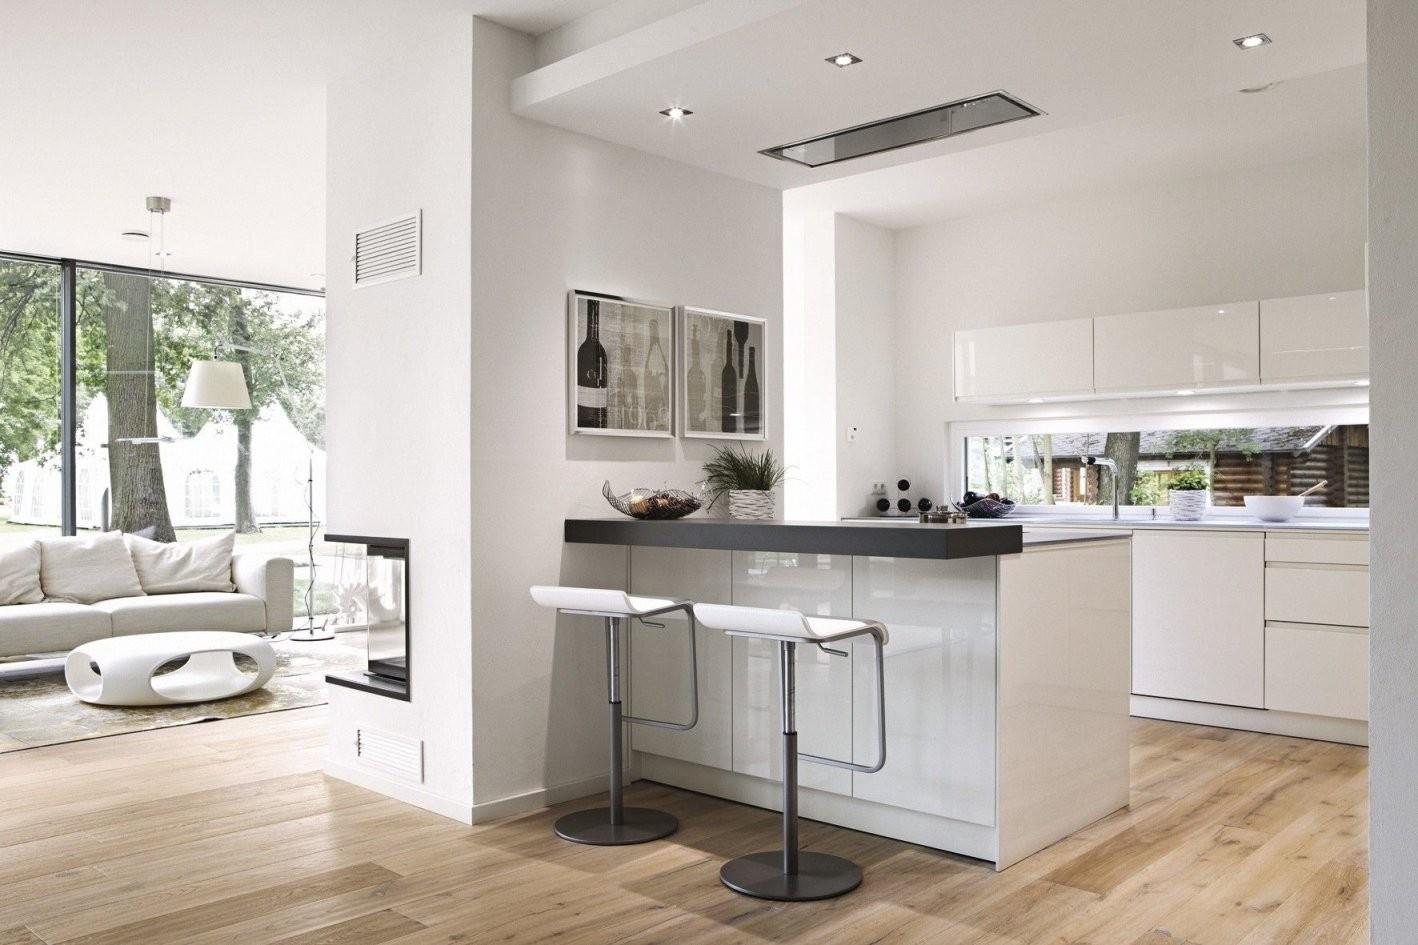 Offene Küche  Wohnideen  Offene Küche Wohnzimmer Haus Küchen Und von Moderne Wohnzimmer Mit Offener Küche Bild